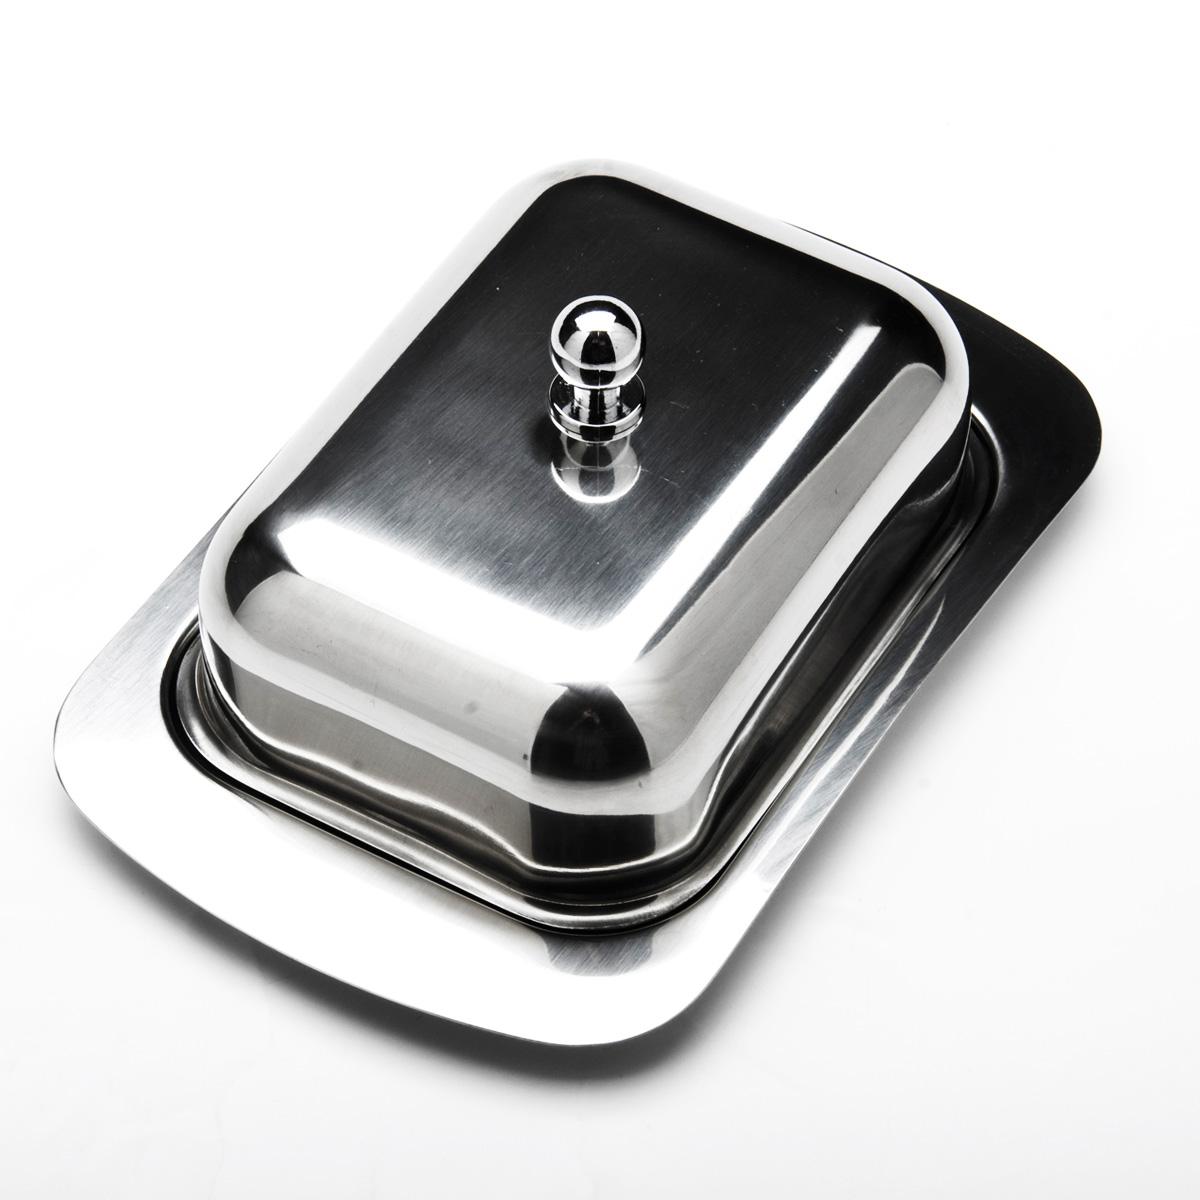 Масленка Mayer & Boch. 2351523515Масленка Mayer & Boch, изготовленная из высококачественной нержавеющей стали, предназначена для красивой сервировки и хранения масла. Она состоит из подноса и крышки с ручкой. Масло в ней долго остается свежим, а при хранении в холодильнике не впитывает посторонние запахи. Гладкая поверхность обеспечивает легкую чистку. Можно мыть в посудомоечной машине. Размер подноса: 19 см х 12 см х 2 см. Размер крышки: 13,5 см х 10 см х 6 см.